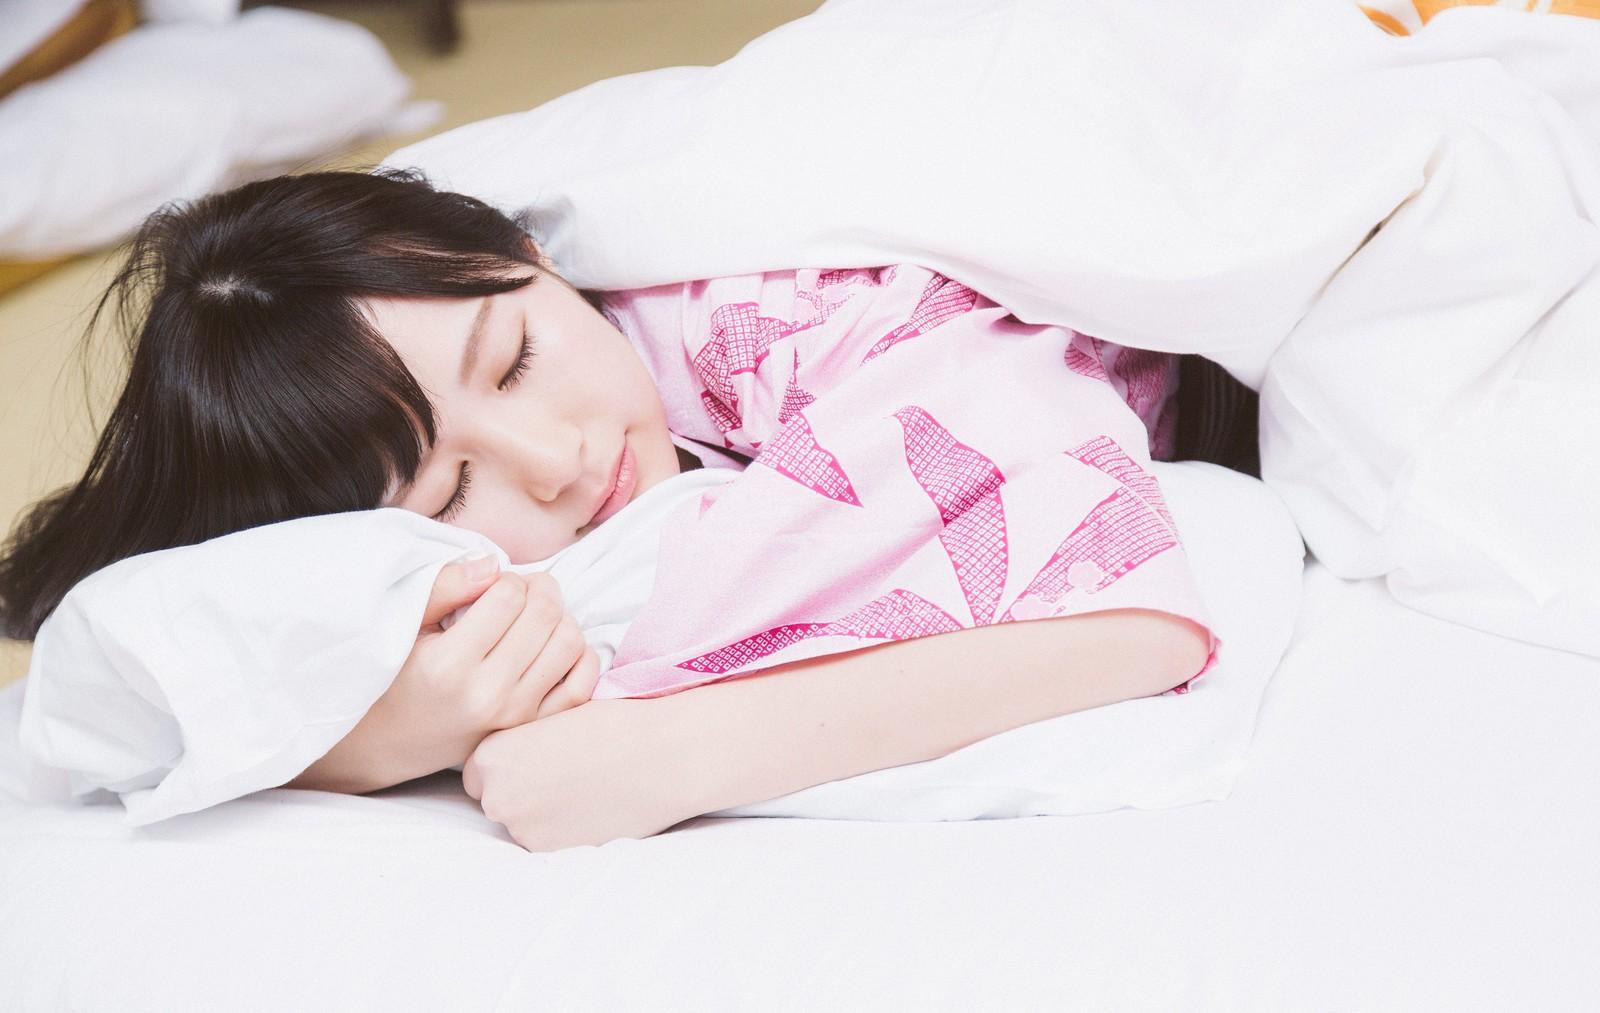 市販の睡眠薬(睡眠導入剤・睡眠改善薬)で効果の強力な物やおすすめは?